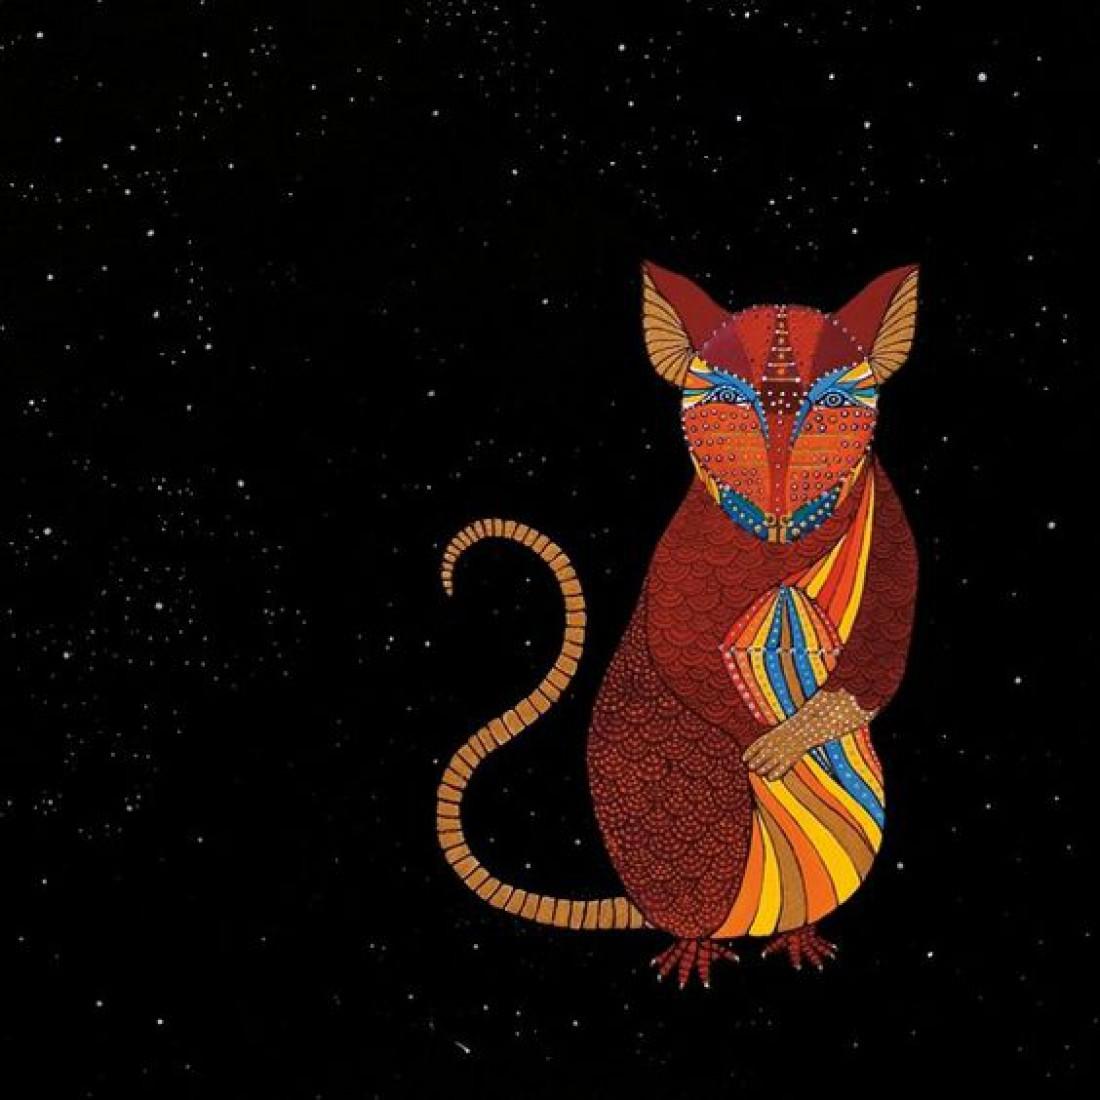 Гороскоп на 2021 год для всех знаков Зодиака по восточному календарю